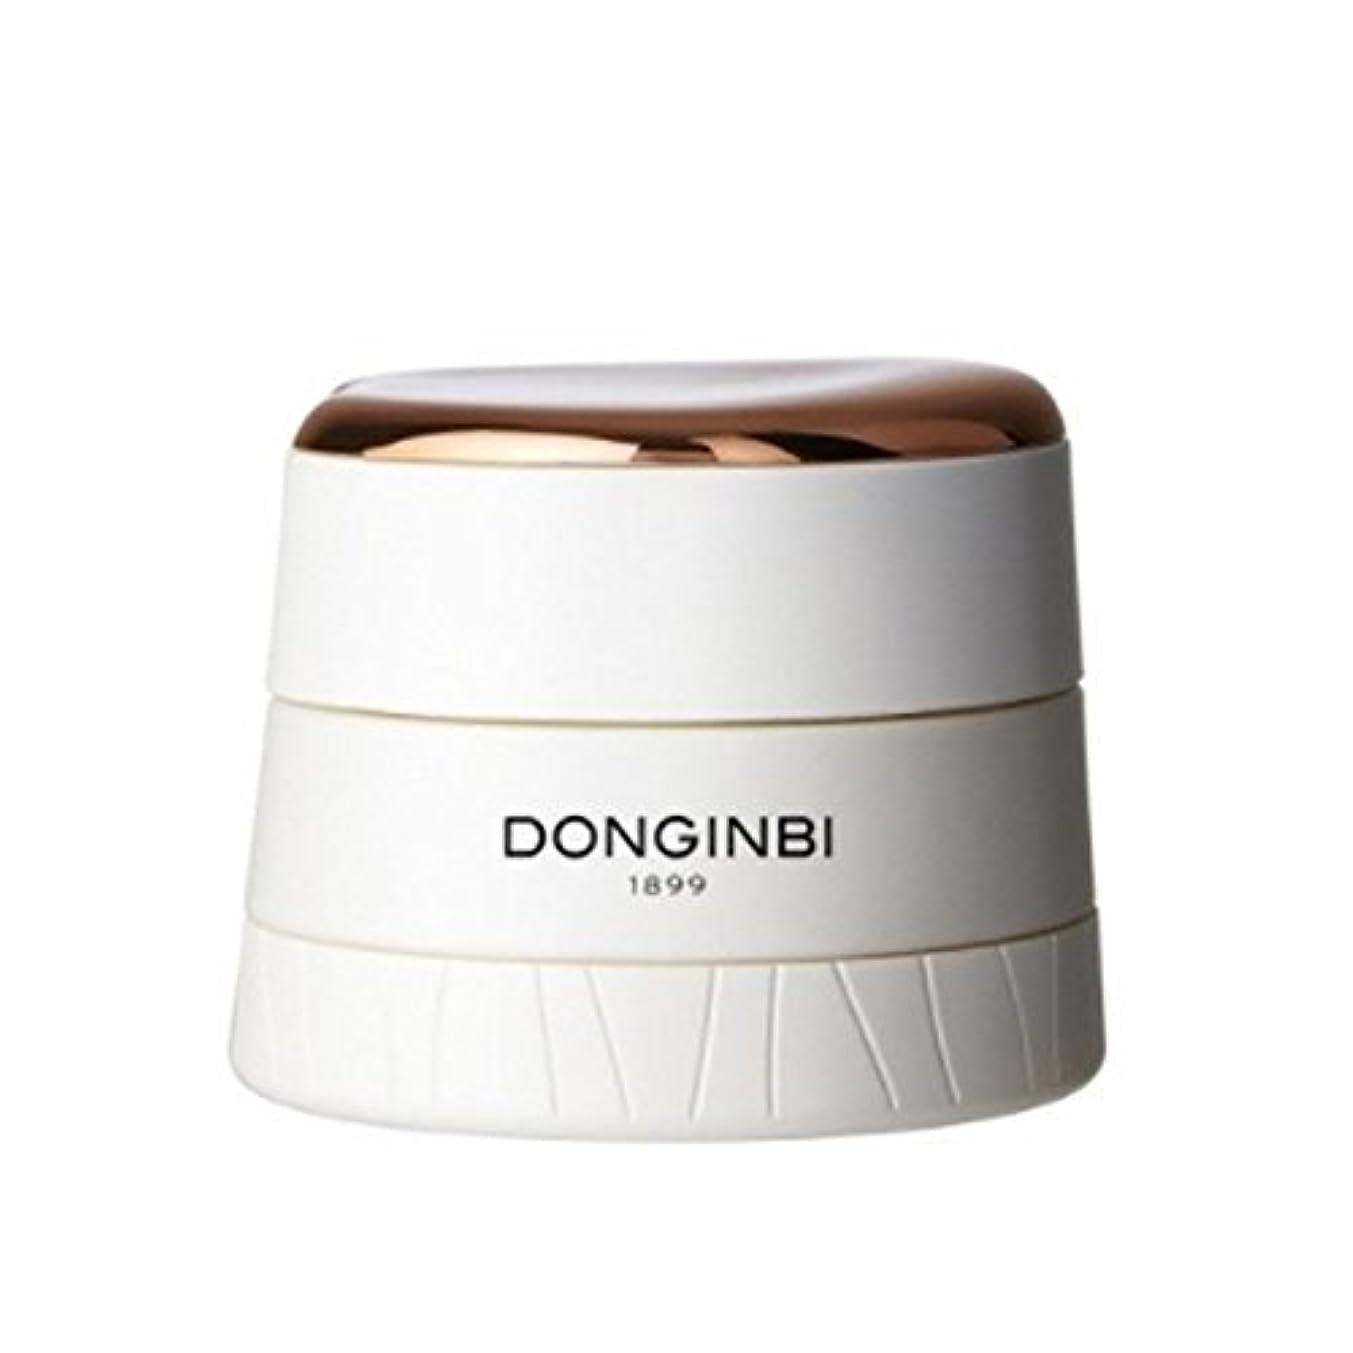 打撃うがい金銭的[ドンインビ]DONGINBI ドンインビユン クリーム60ml 海外直送品 cream 60ml [並行輸入品]